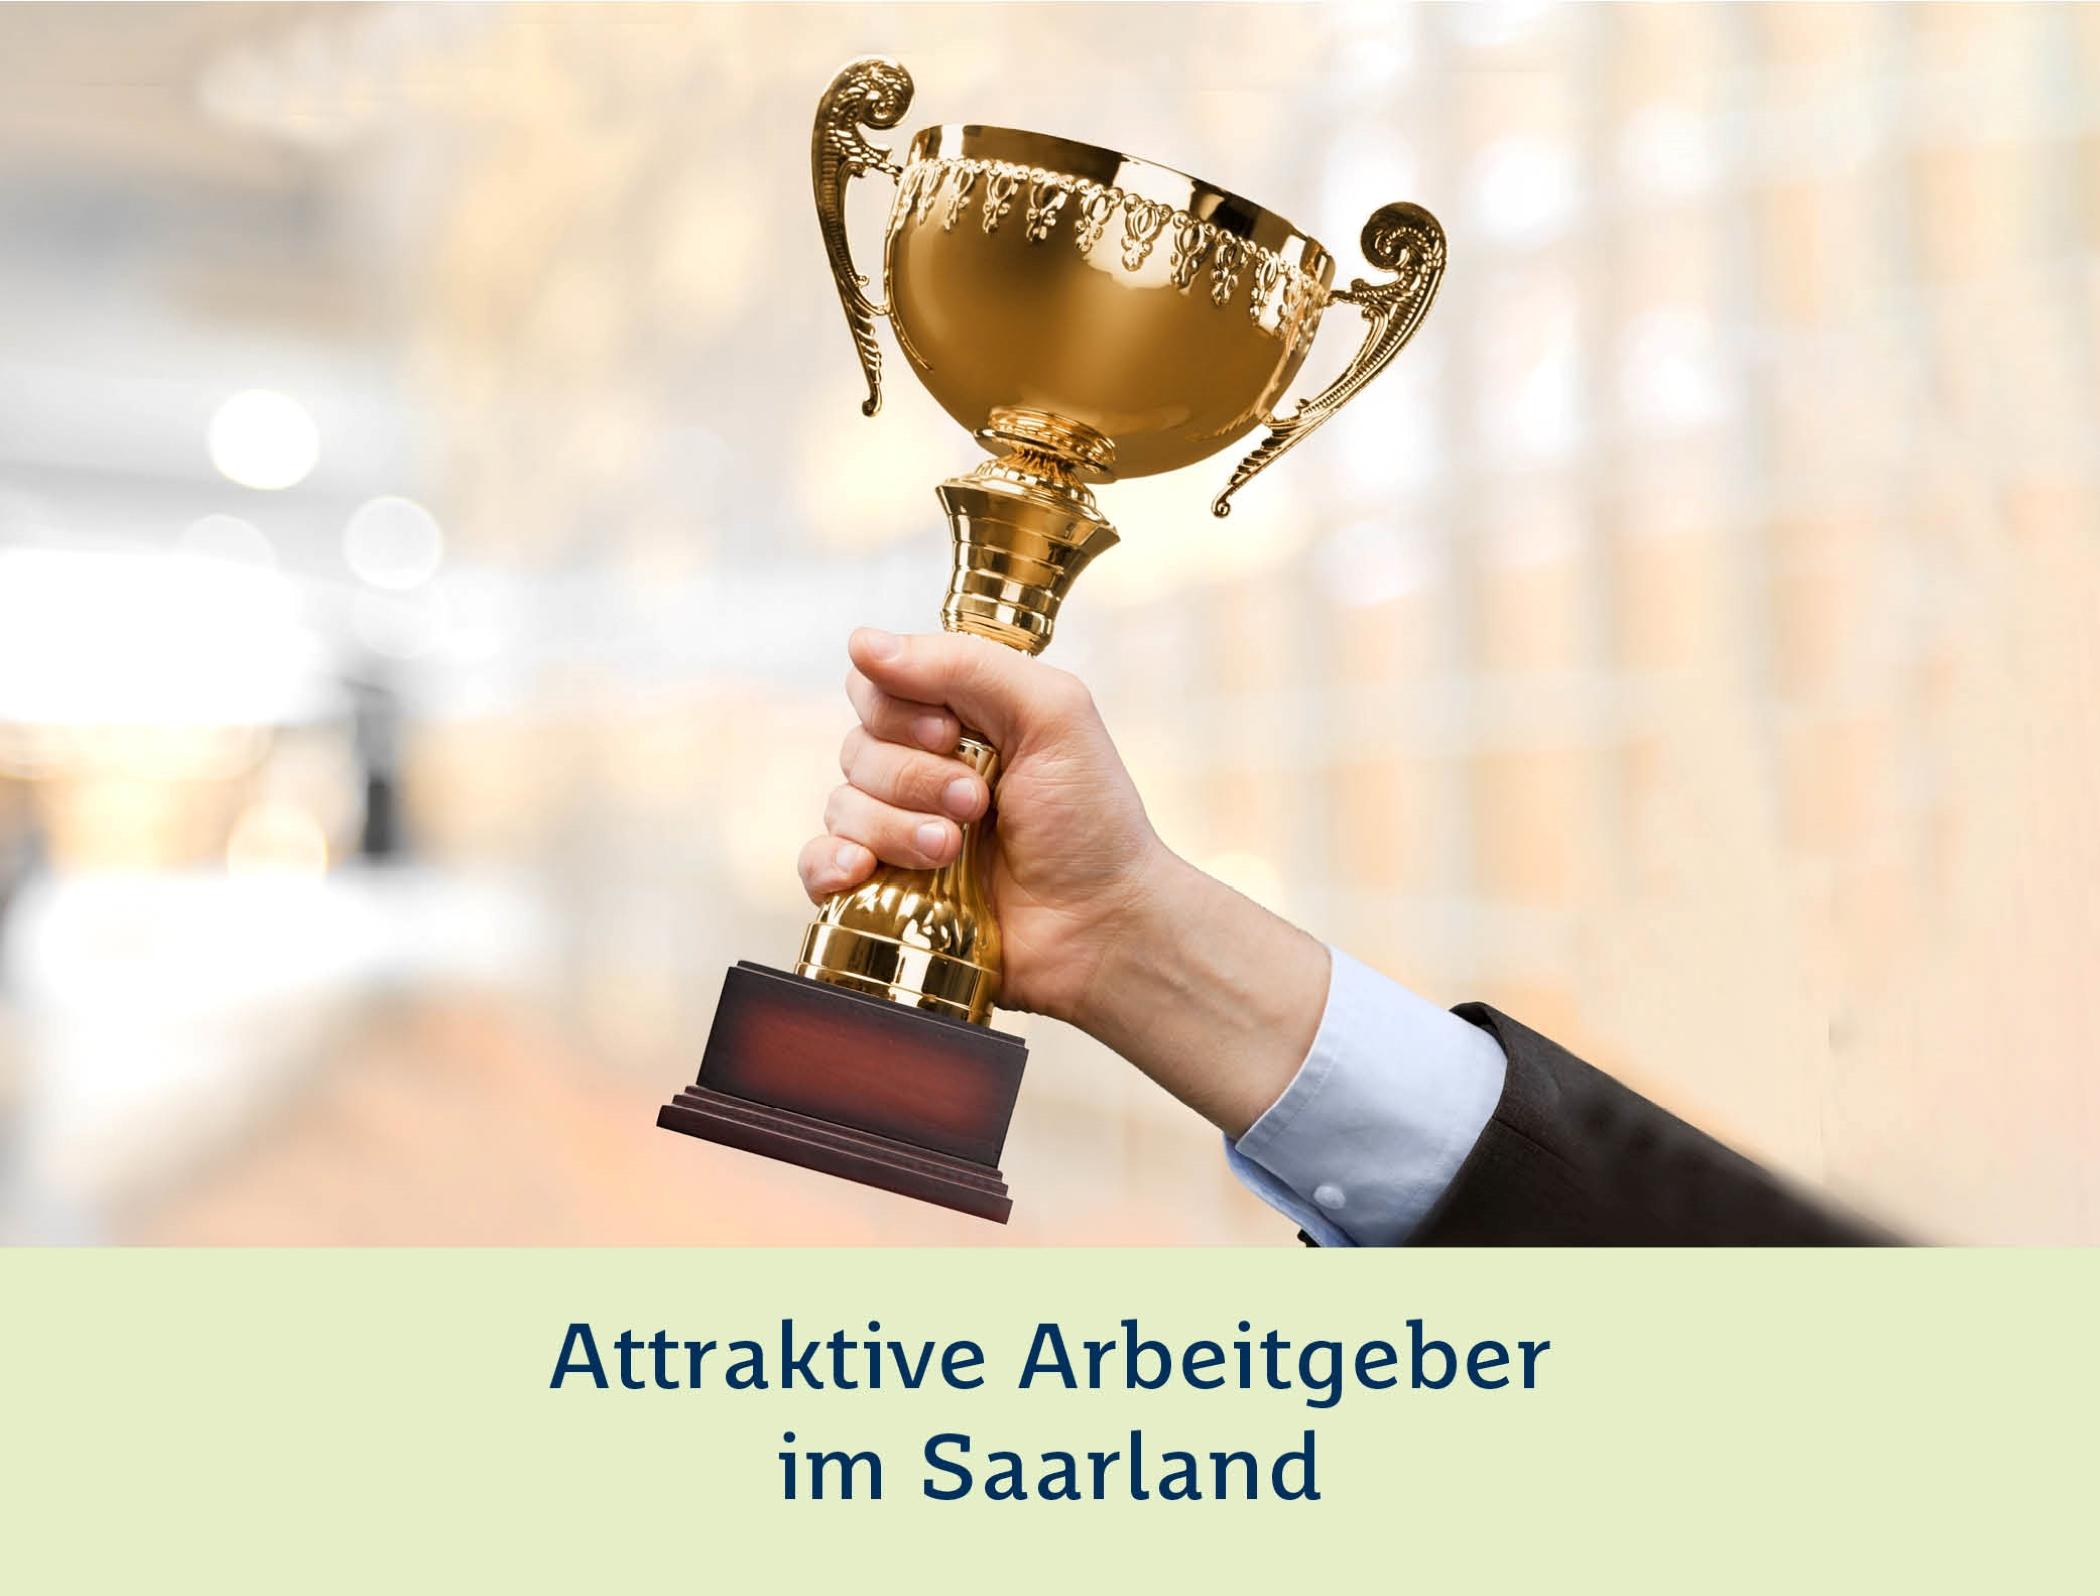 Attraktive Arbeitgeber im Saarland